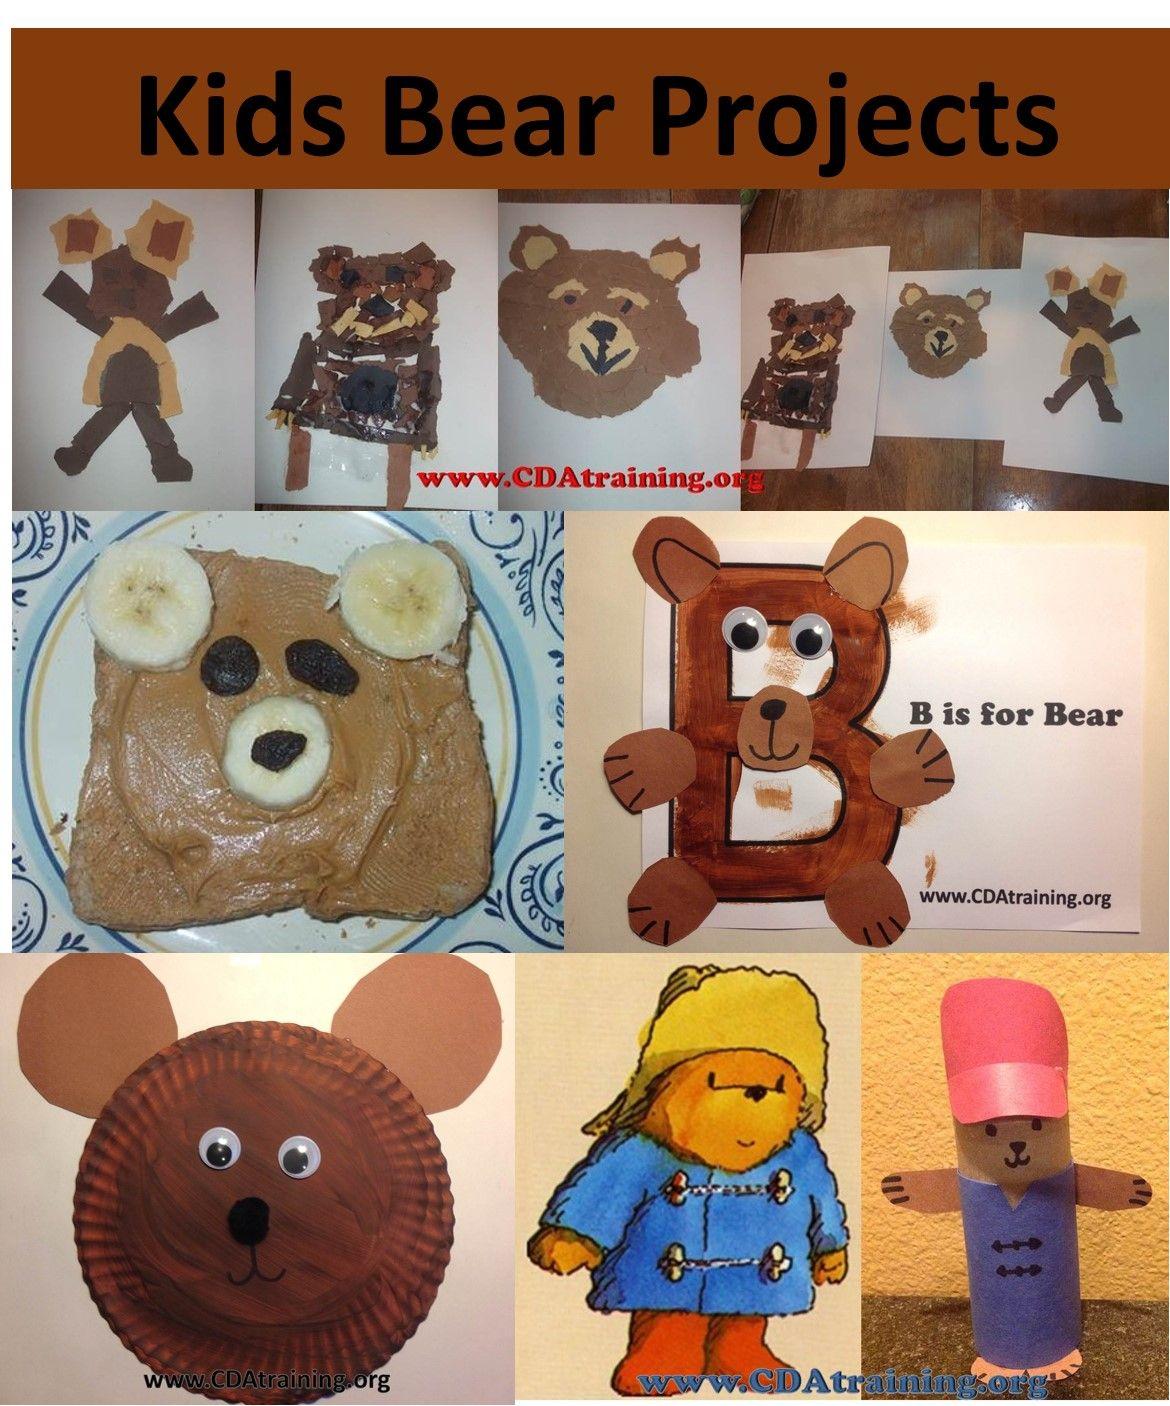 Kids Bear Projects